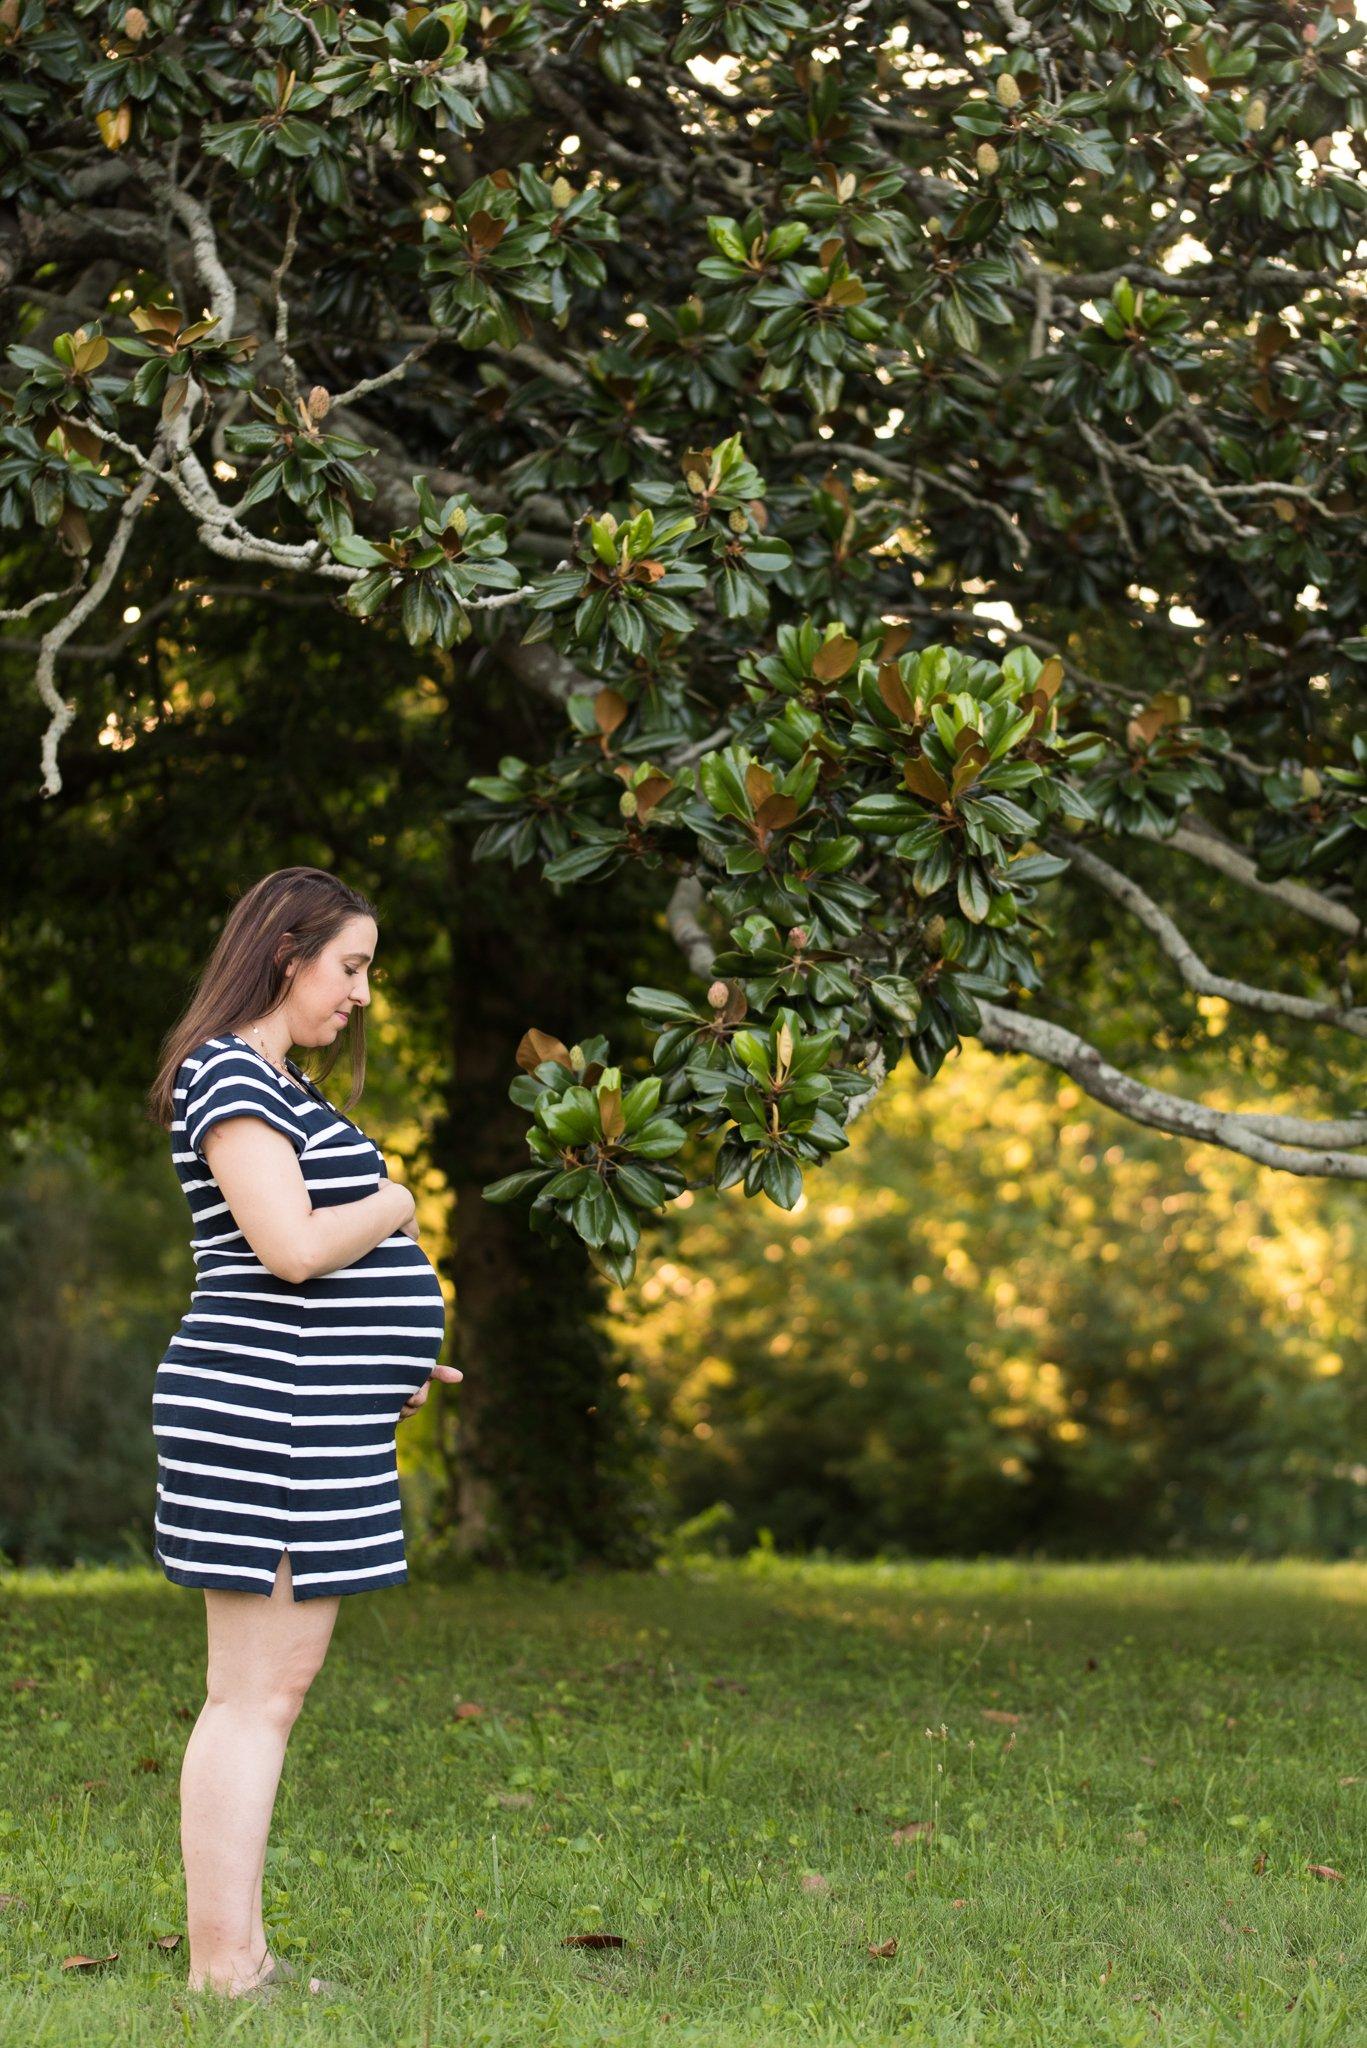 3rd Trimester Pregnancy Update